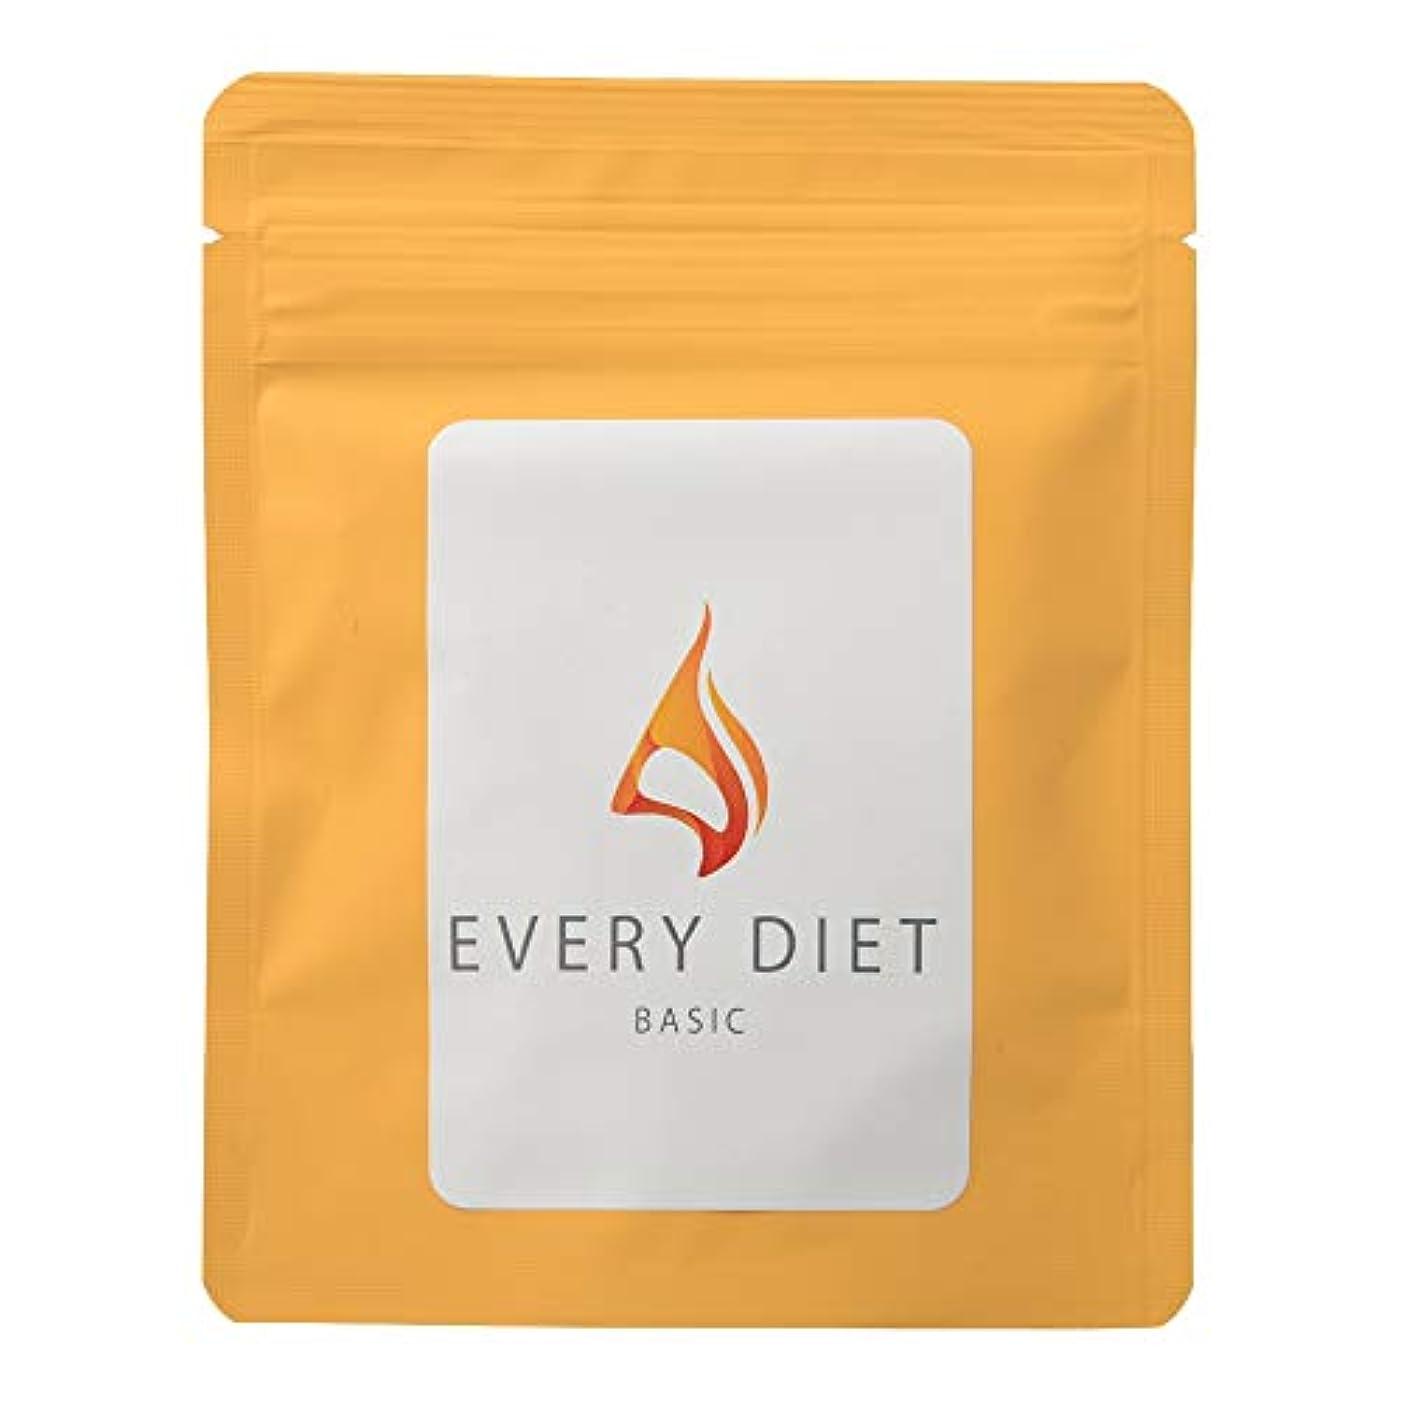 リンス依存する悪性腫瘍Every Diet Basic (エブリダイエット ベーシック) ダイエット サプリメント [内容量60粒/ 説明書付き]